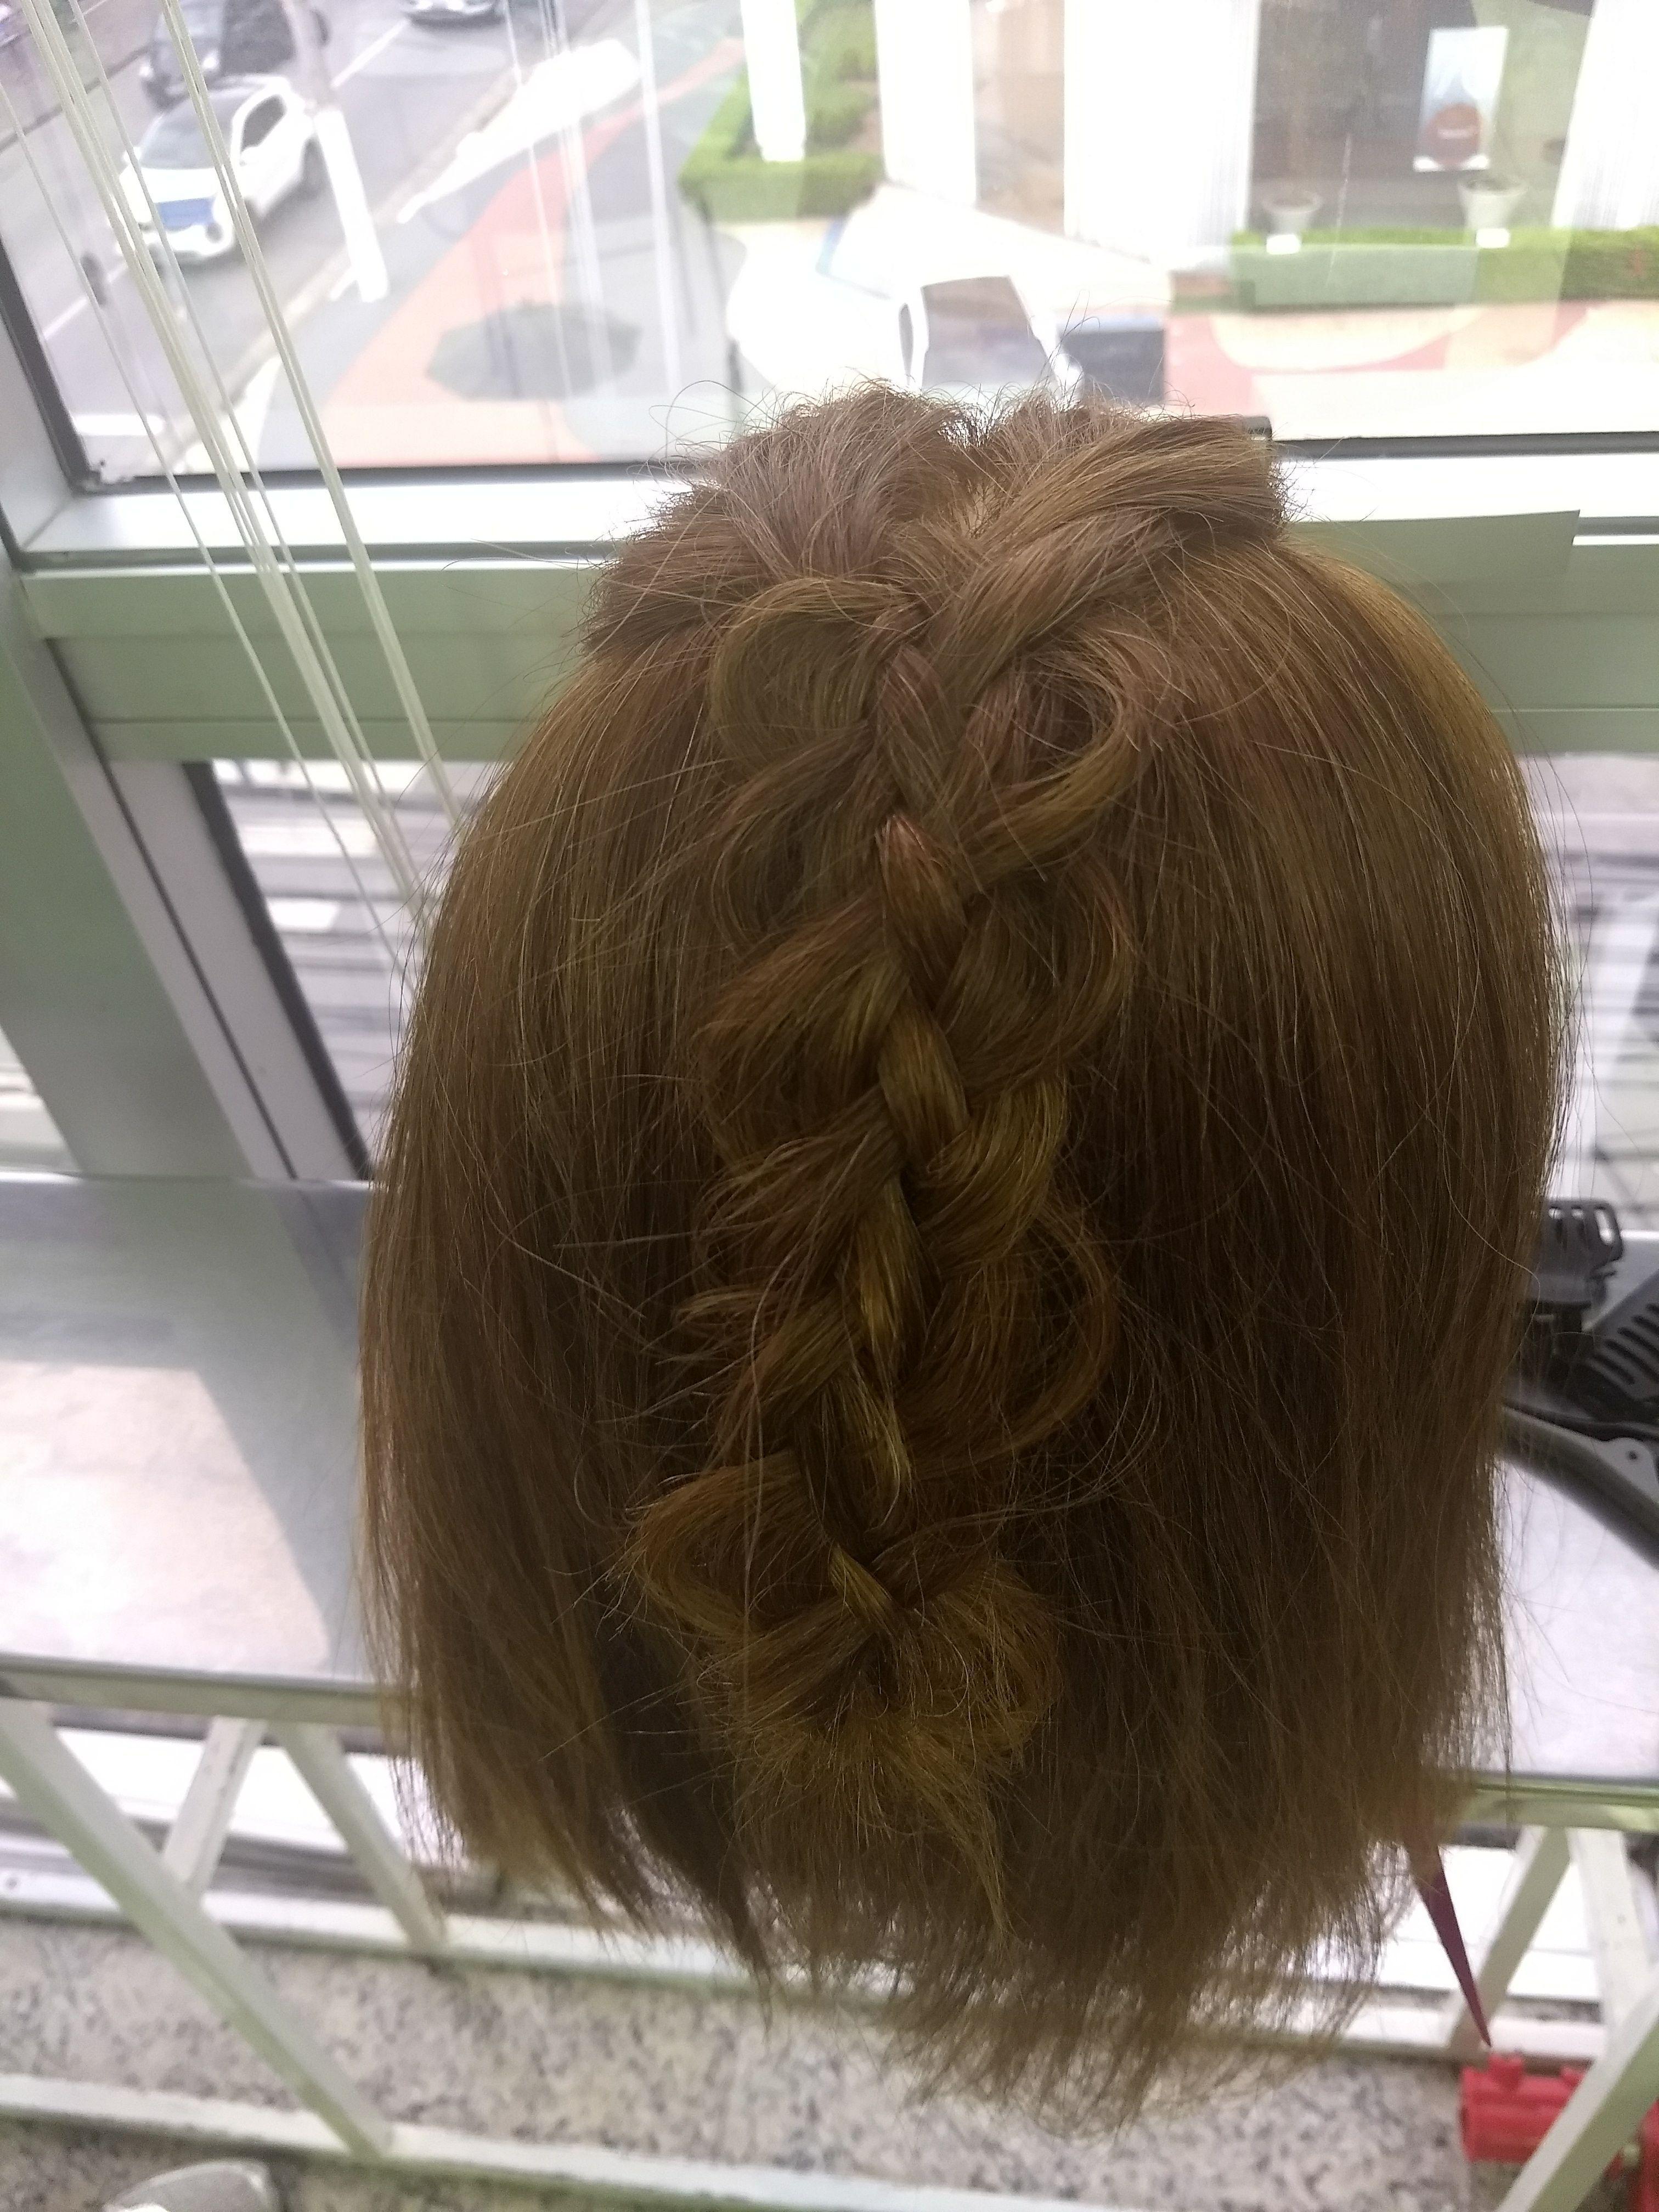 Penteados , transas cabelo auxiliar cabeleireiro(a) escovista